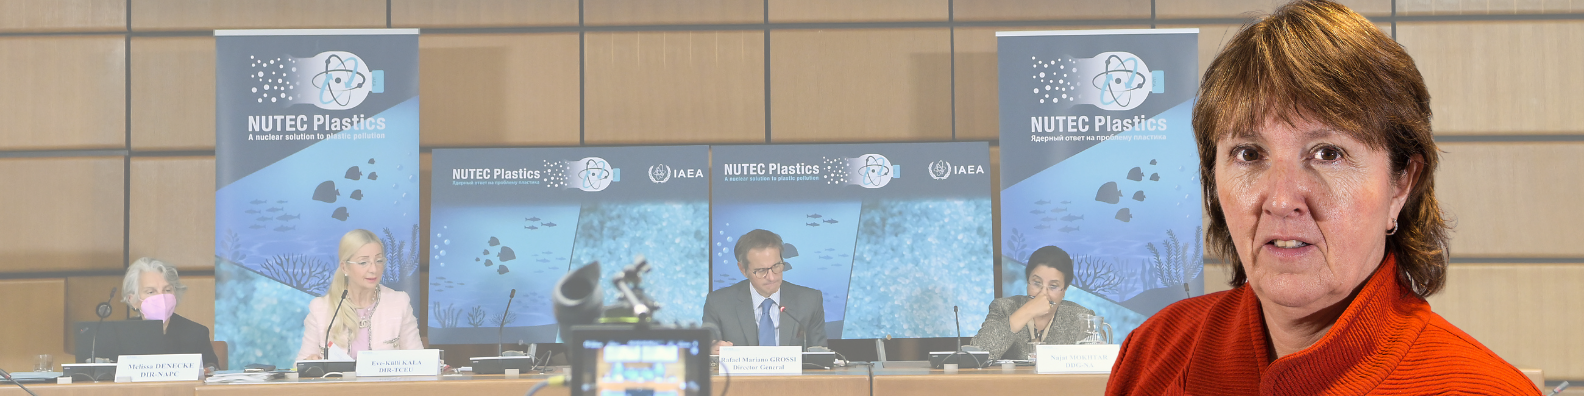 Eli Vassenden speaking on plastic waste at IAEA